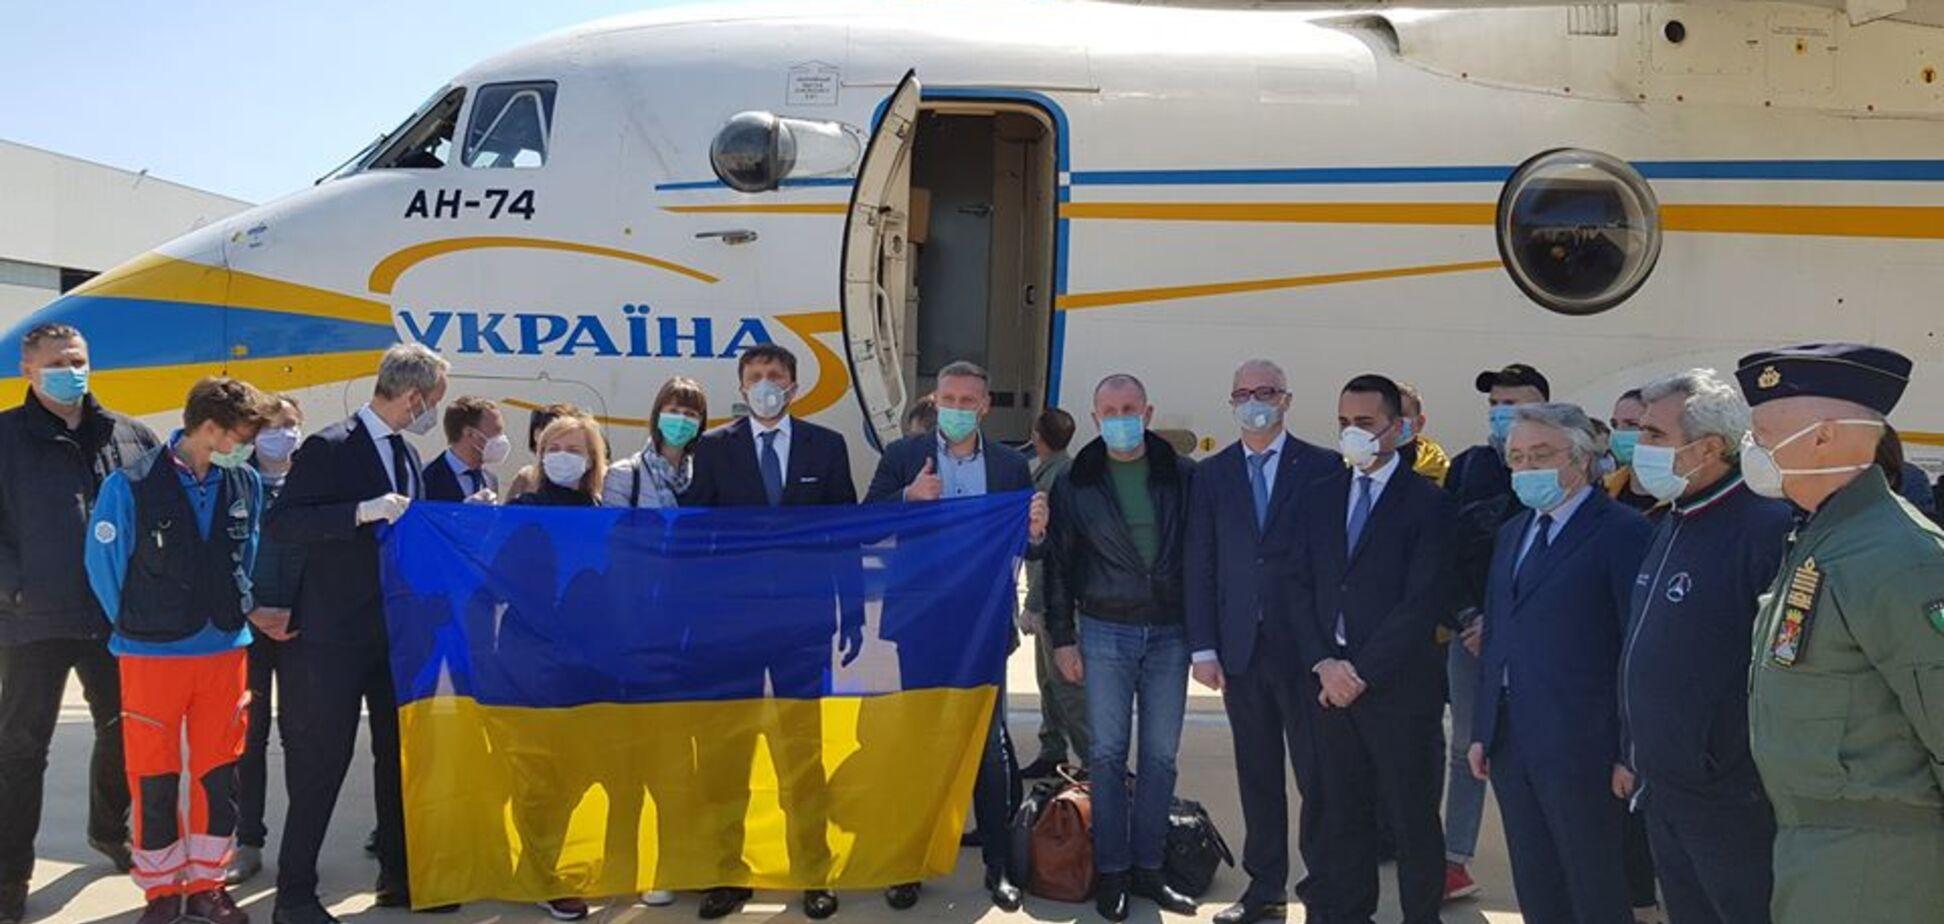 'Ніколи цього не забудемо!' Італія подякувала українським лікарям